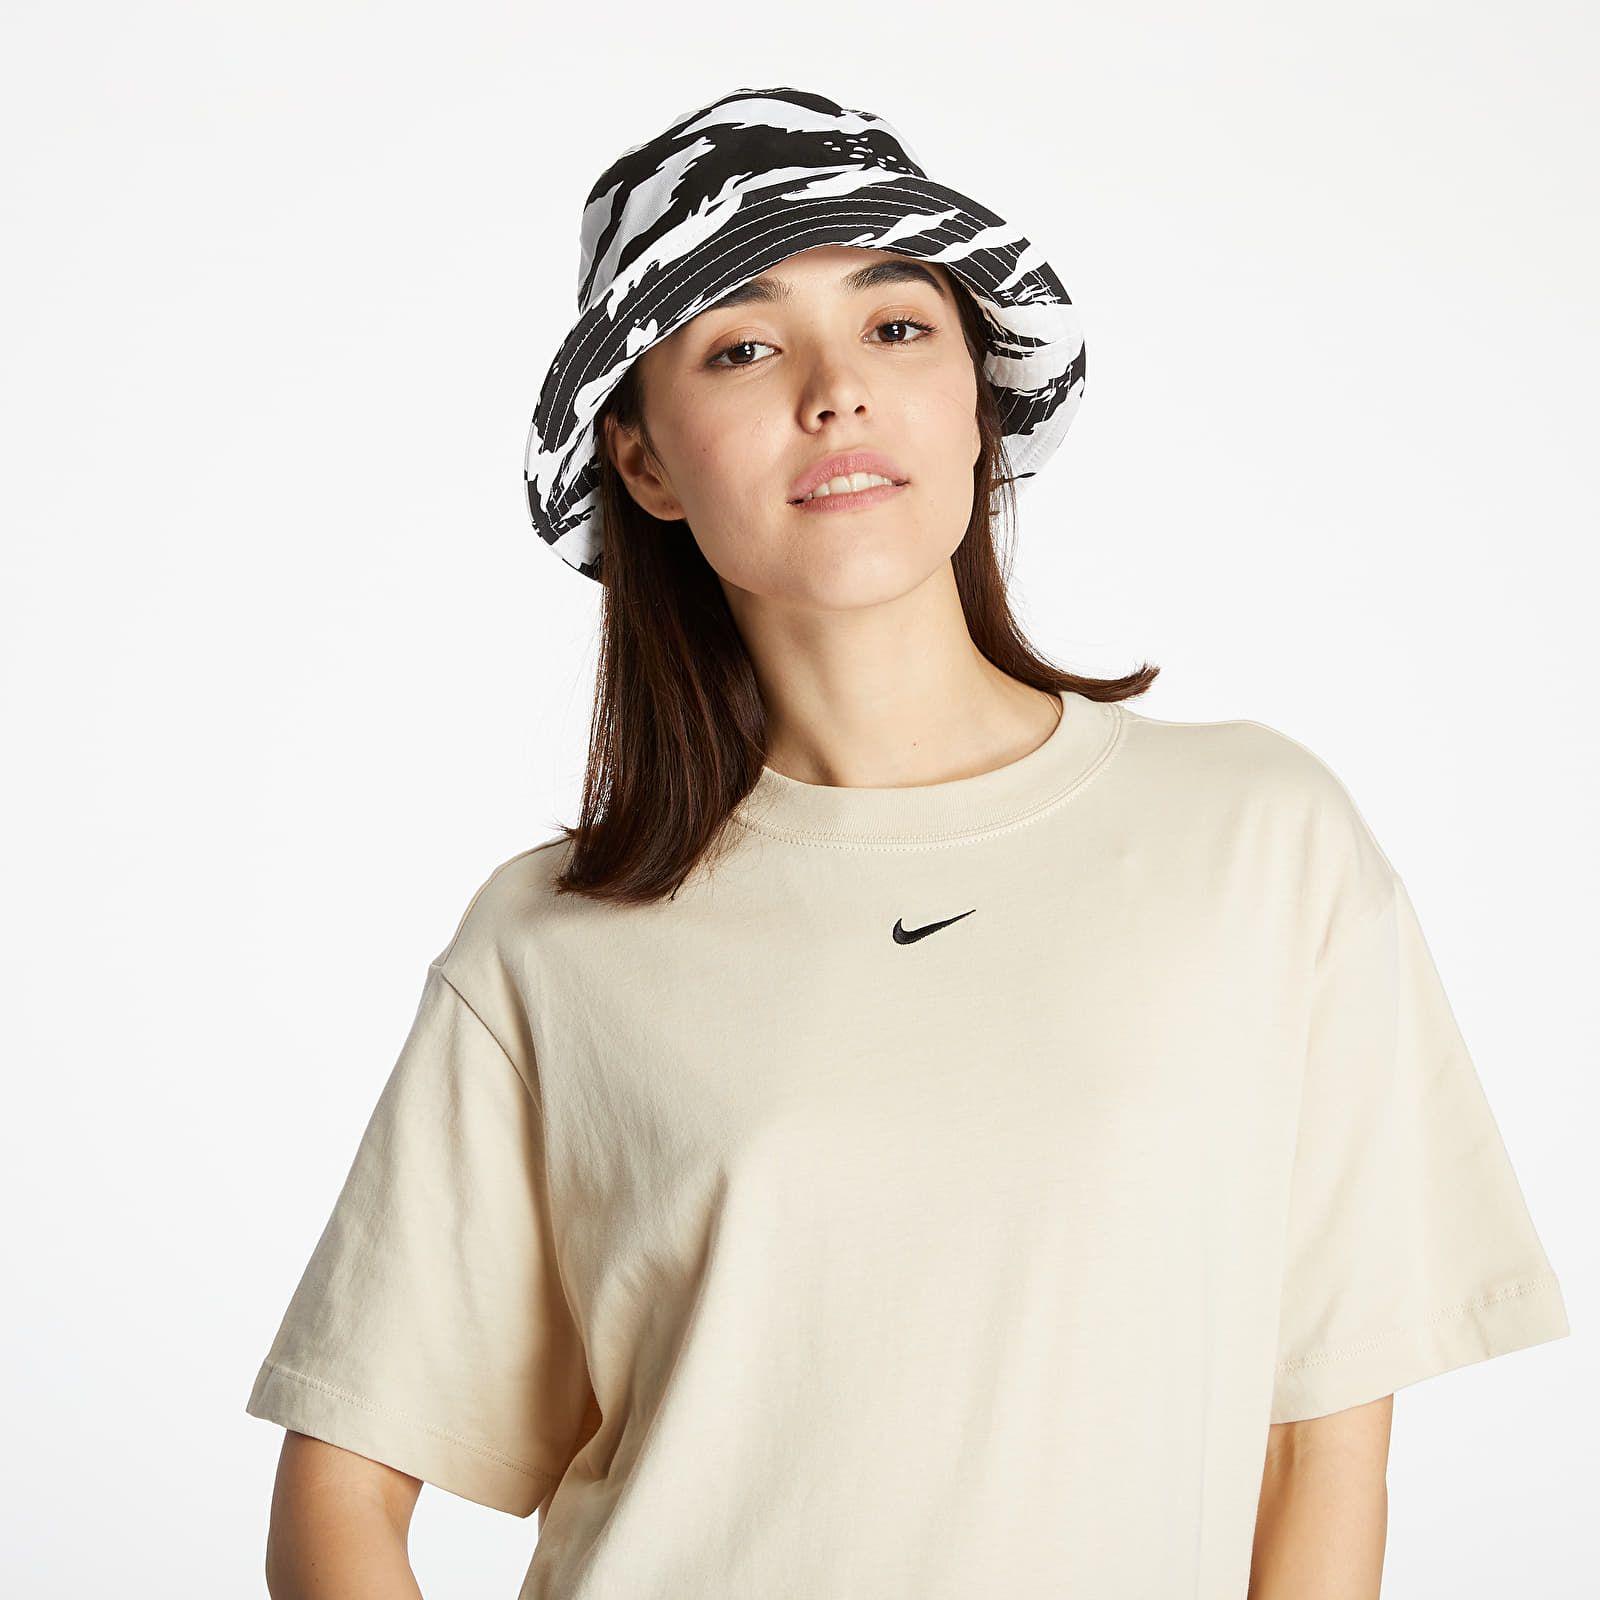 Športová klasika, ale tiež streetwear vo svojej tradičnej podobe. Vybrali sme najlepšie kúsky do 100 eur